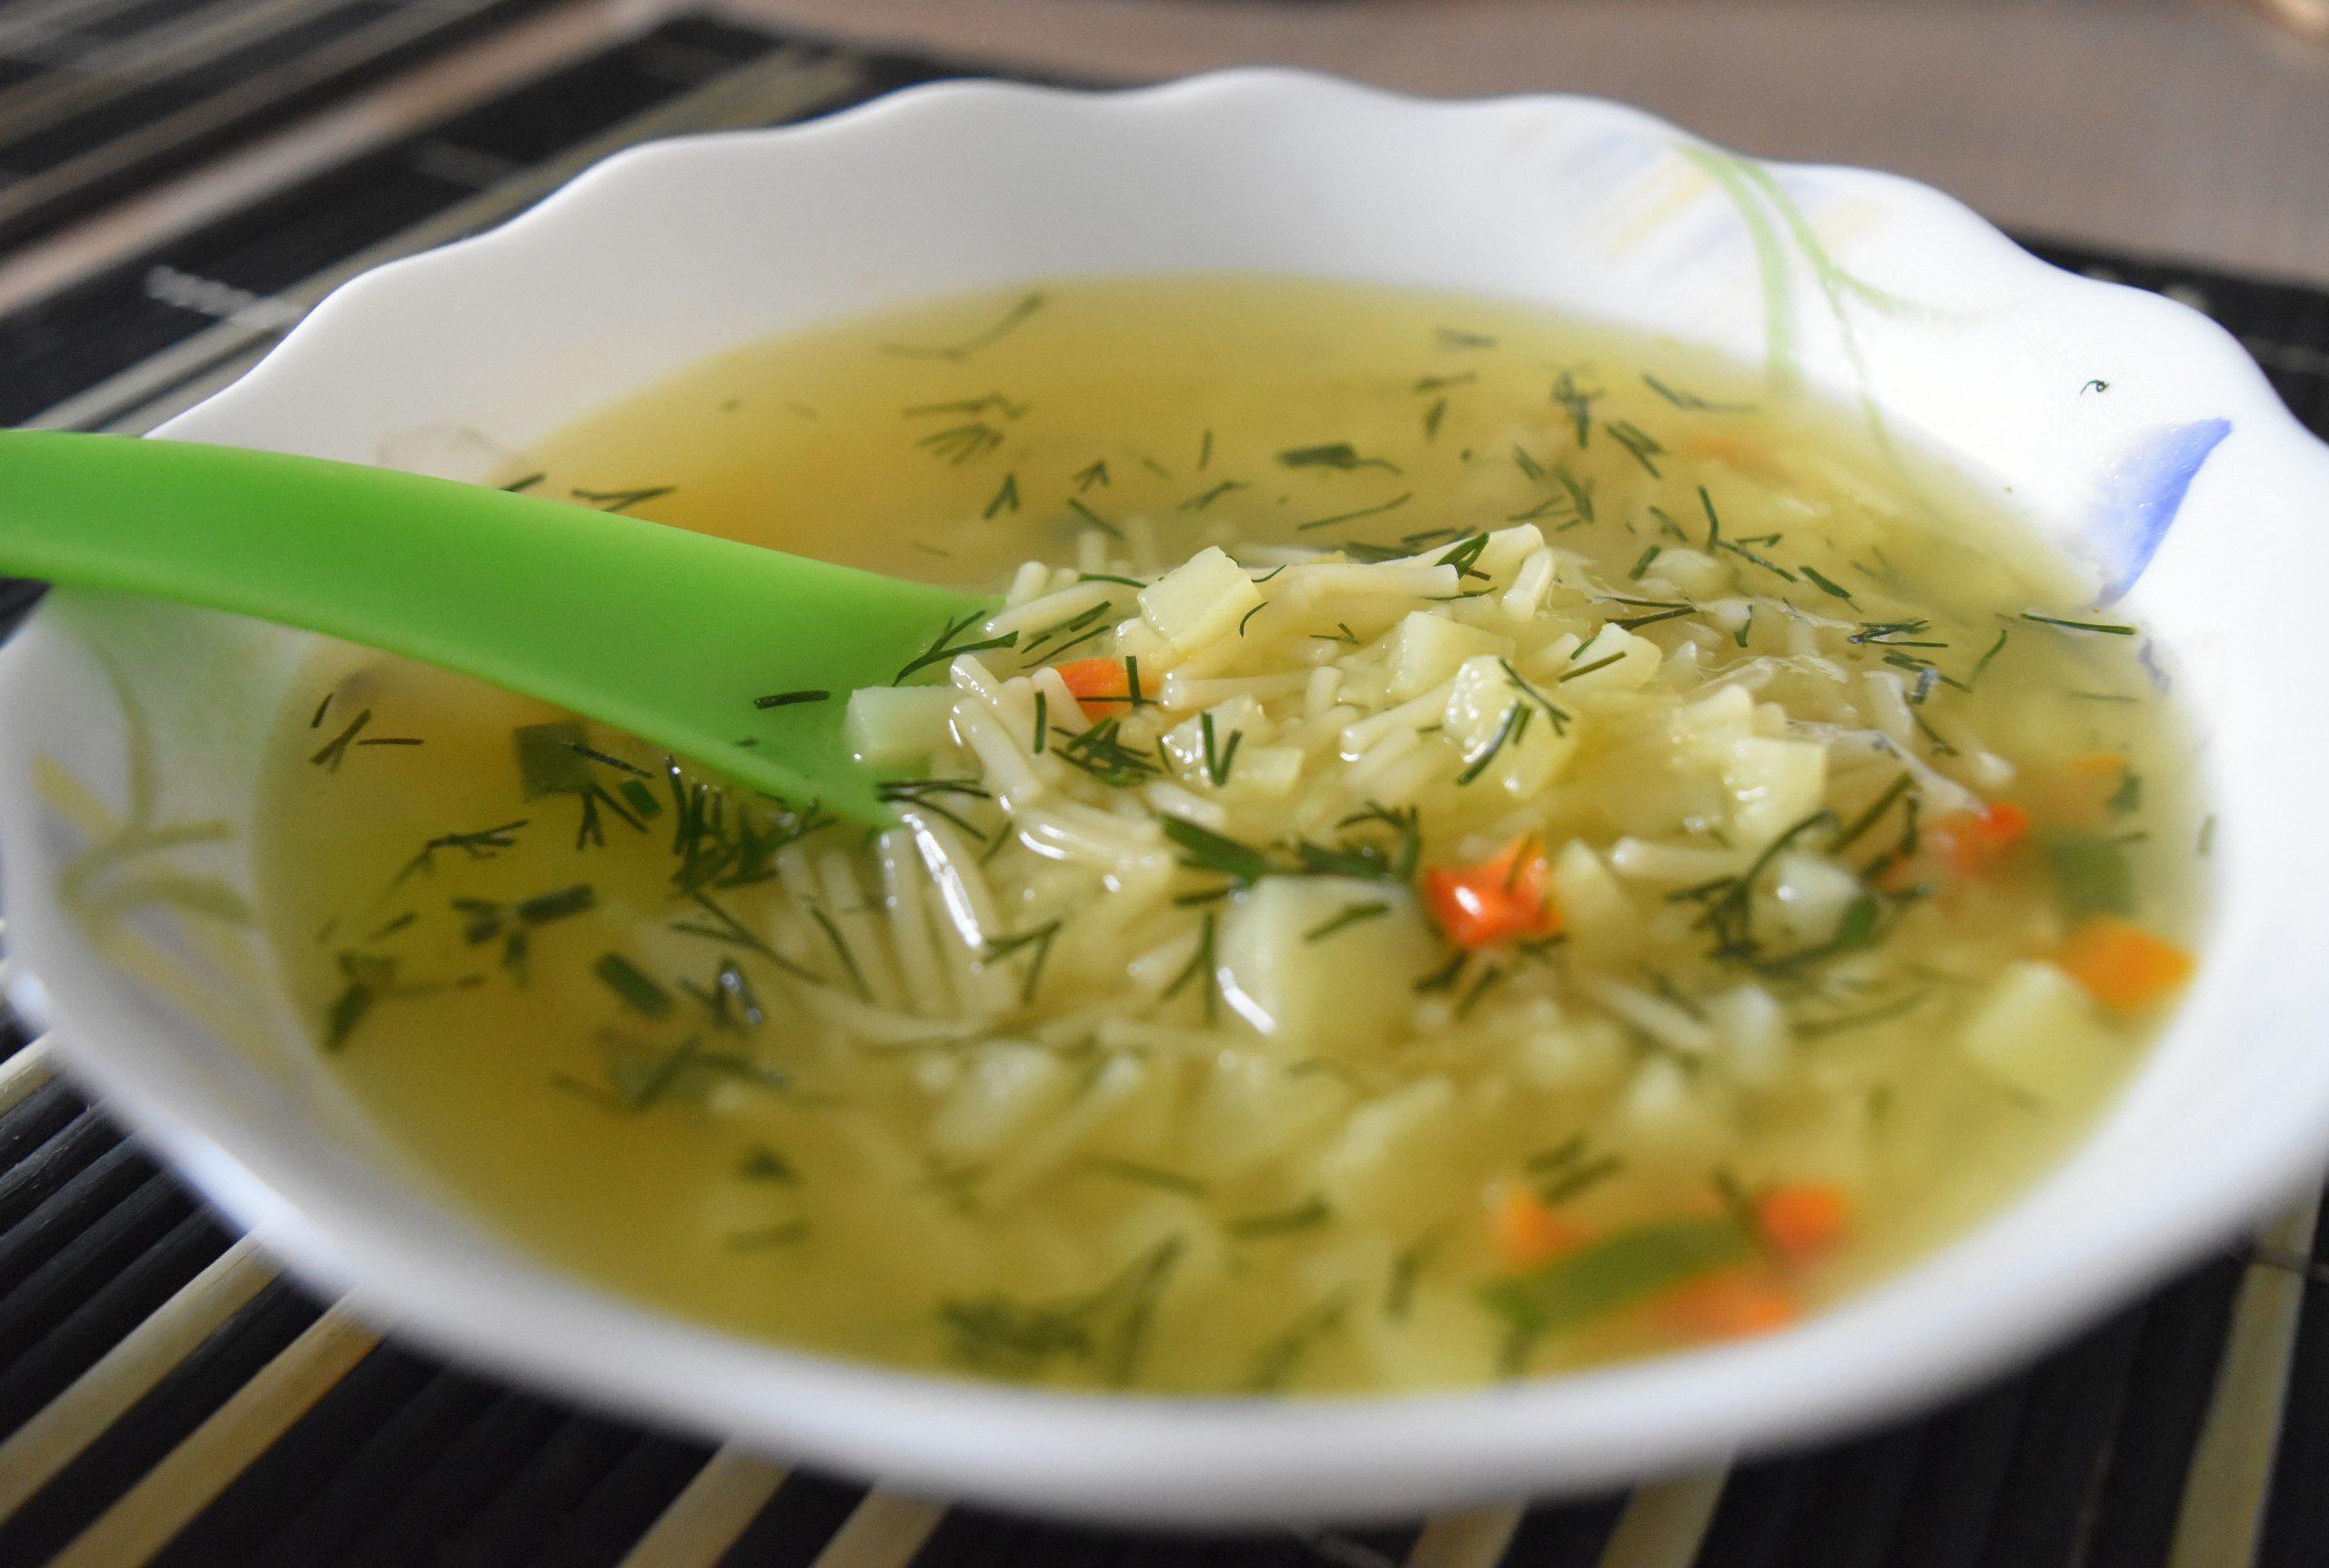 куда более супы без мяса рецепты с фото пошагово этого они